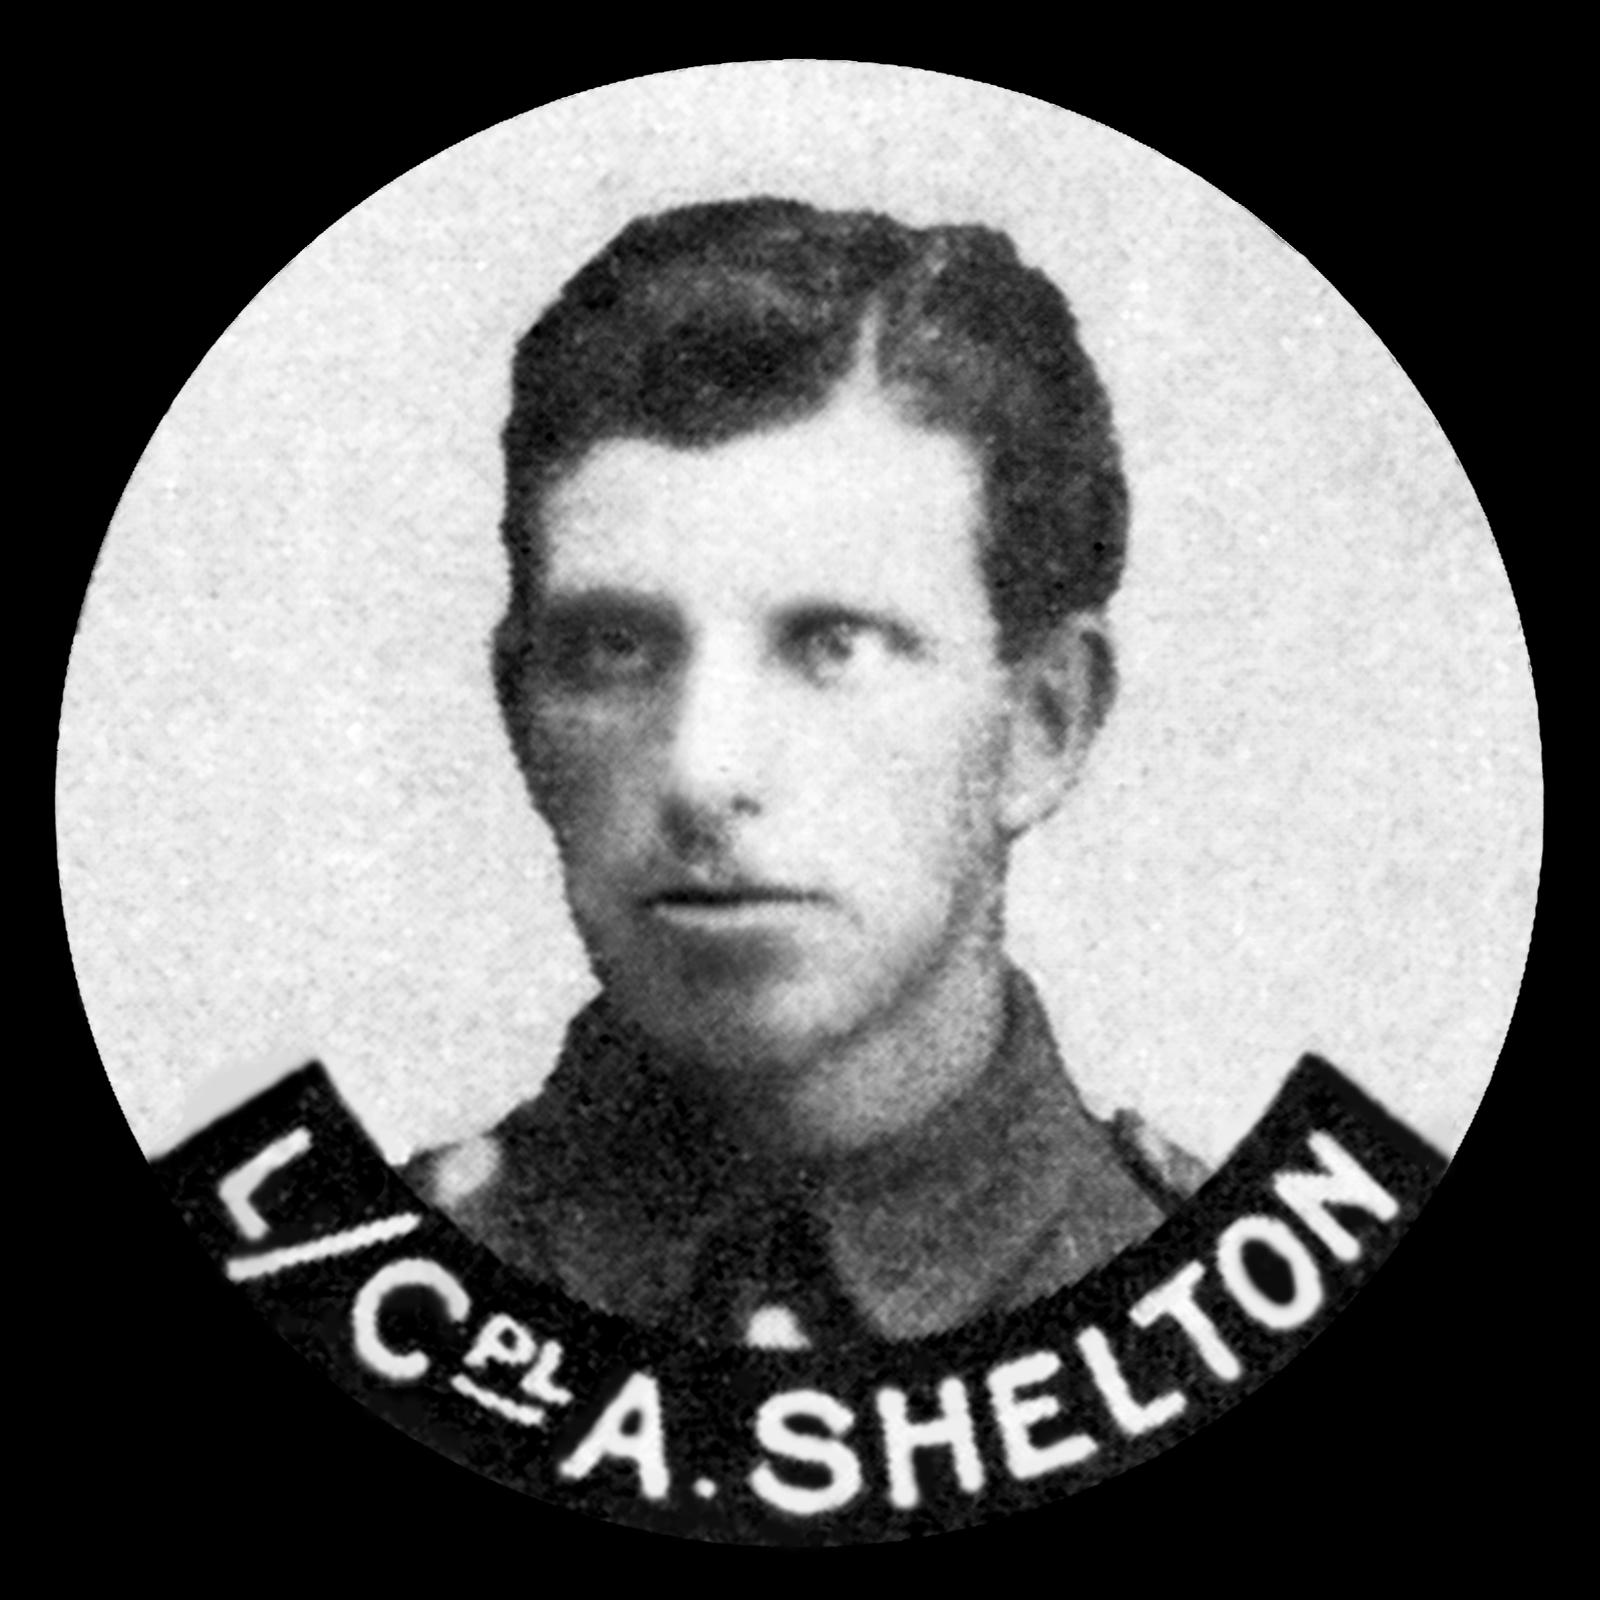 SHELTON Arthur